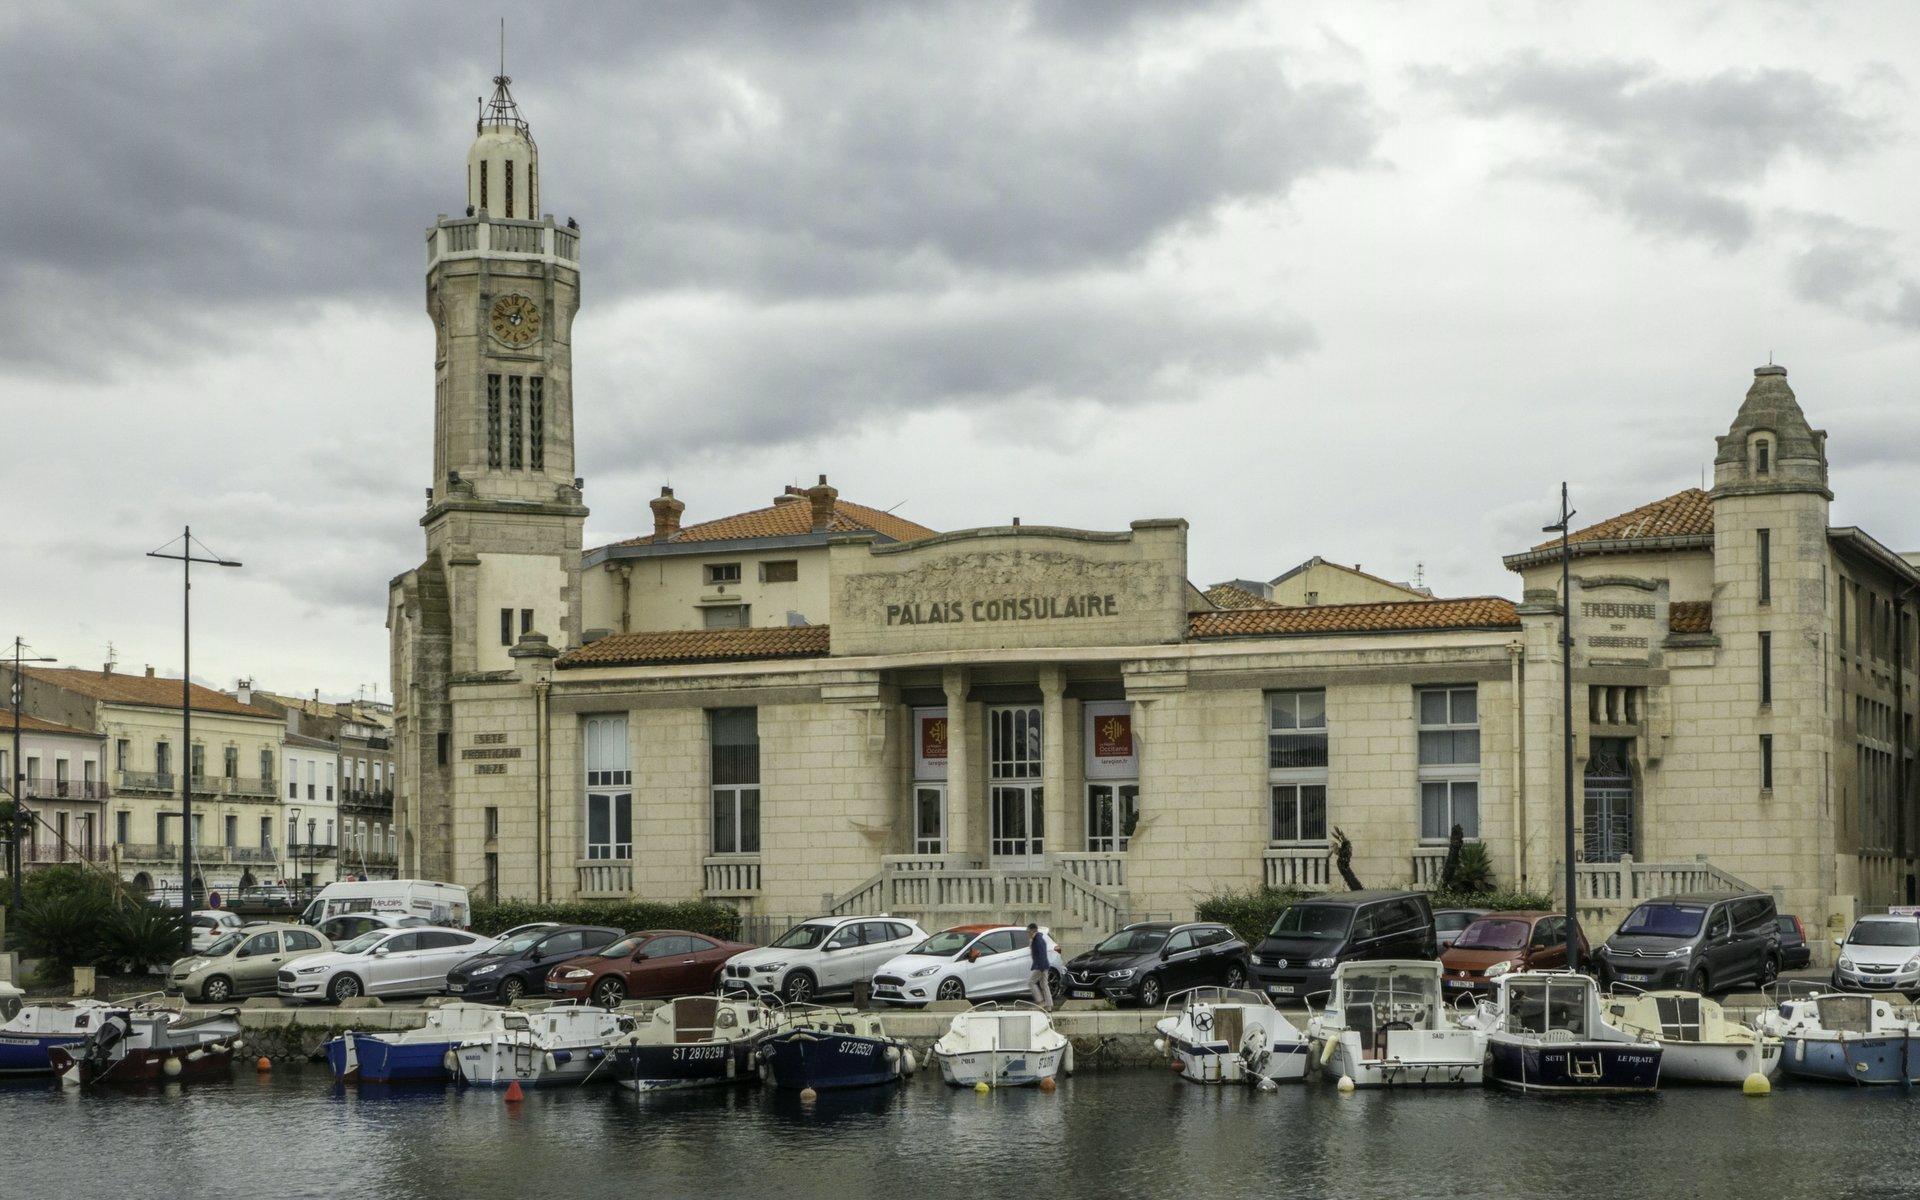 Maison Régionale de la Mer in Sète